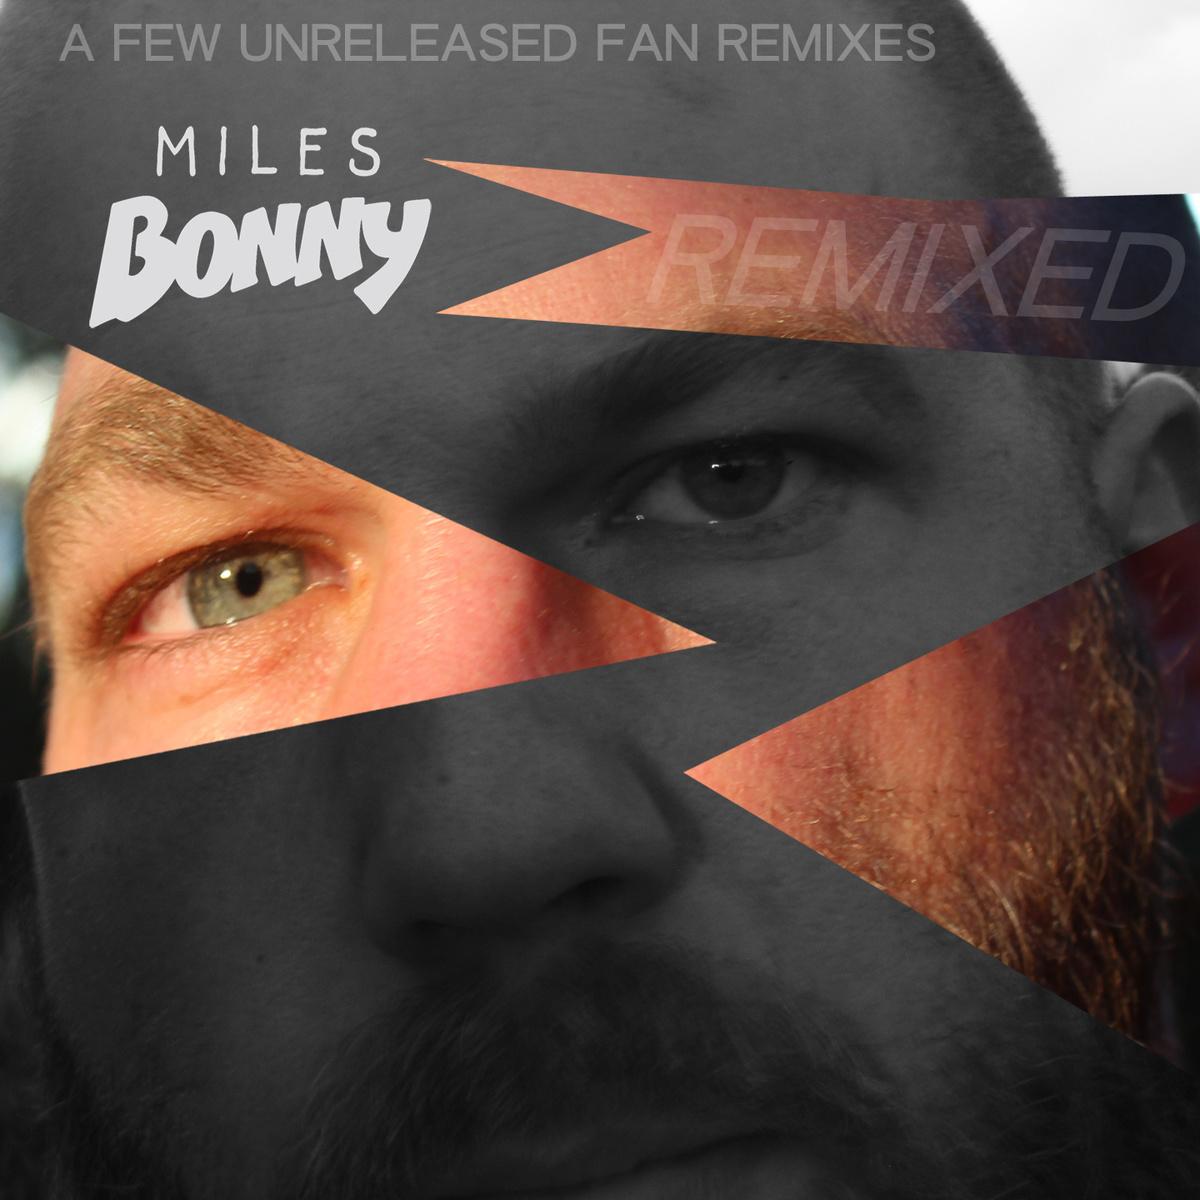 Miles Bonny – Remixed